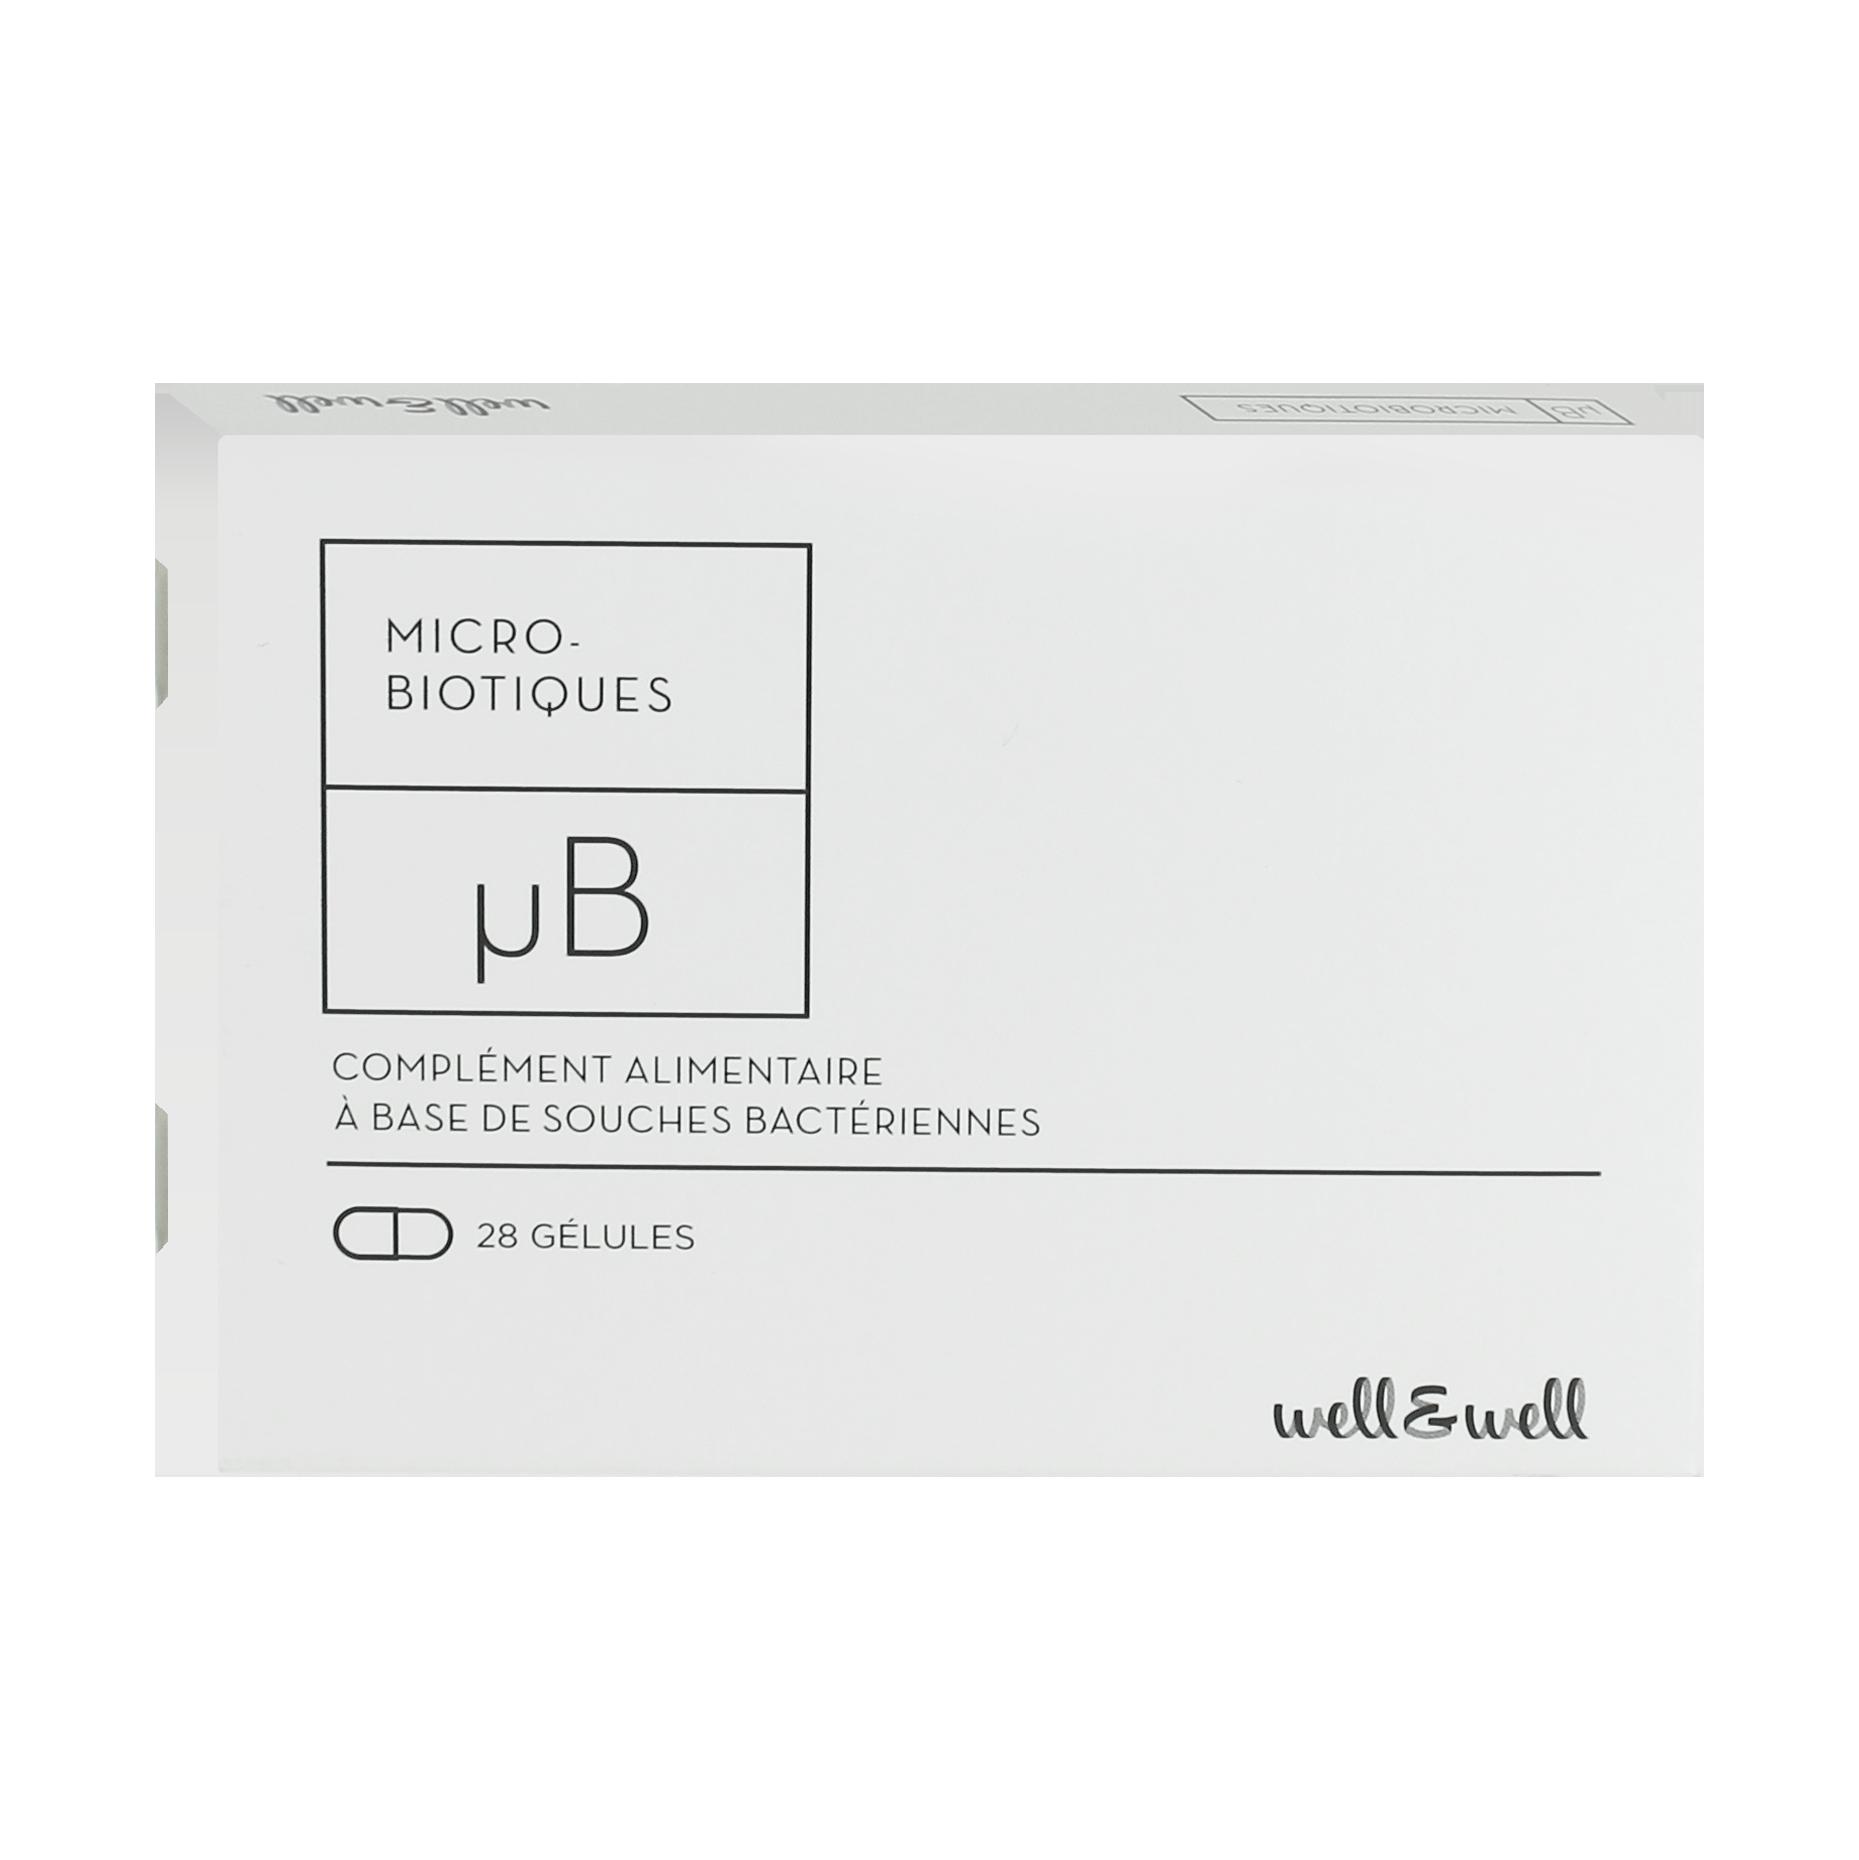 boite-micro-biotique-28